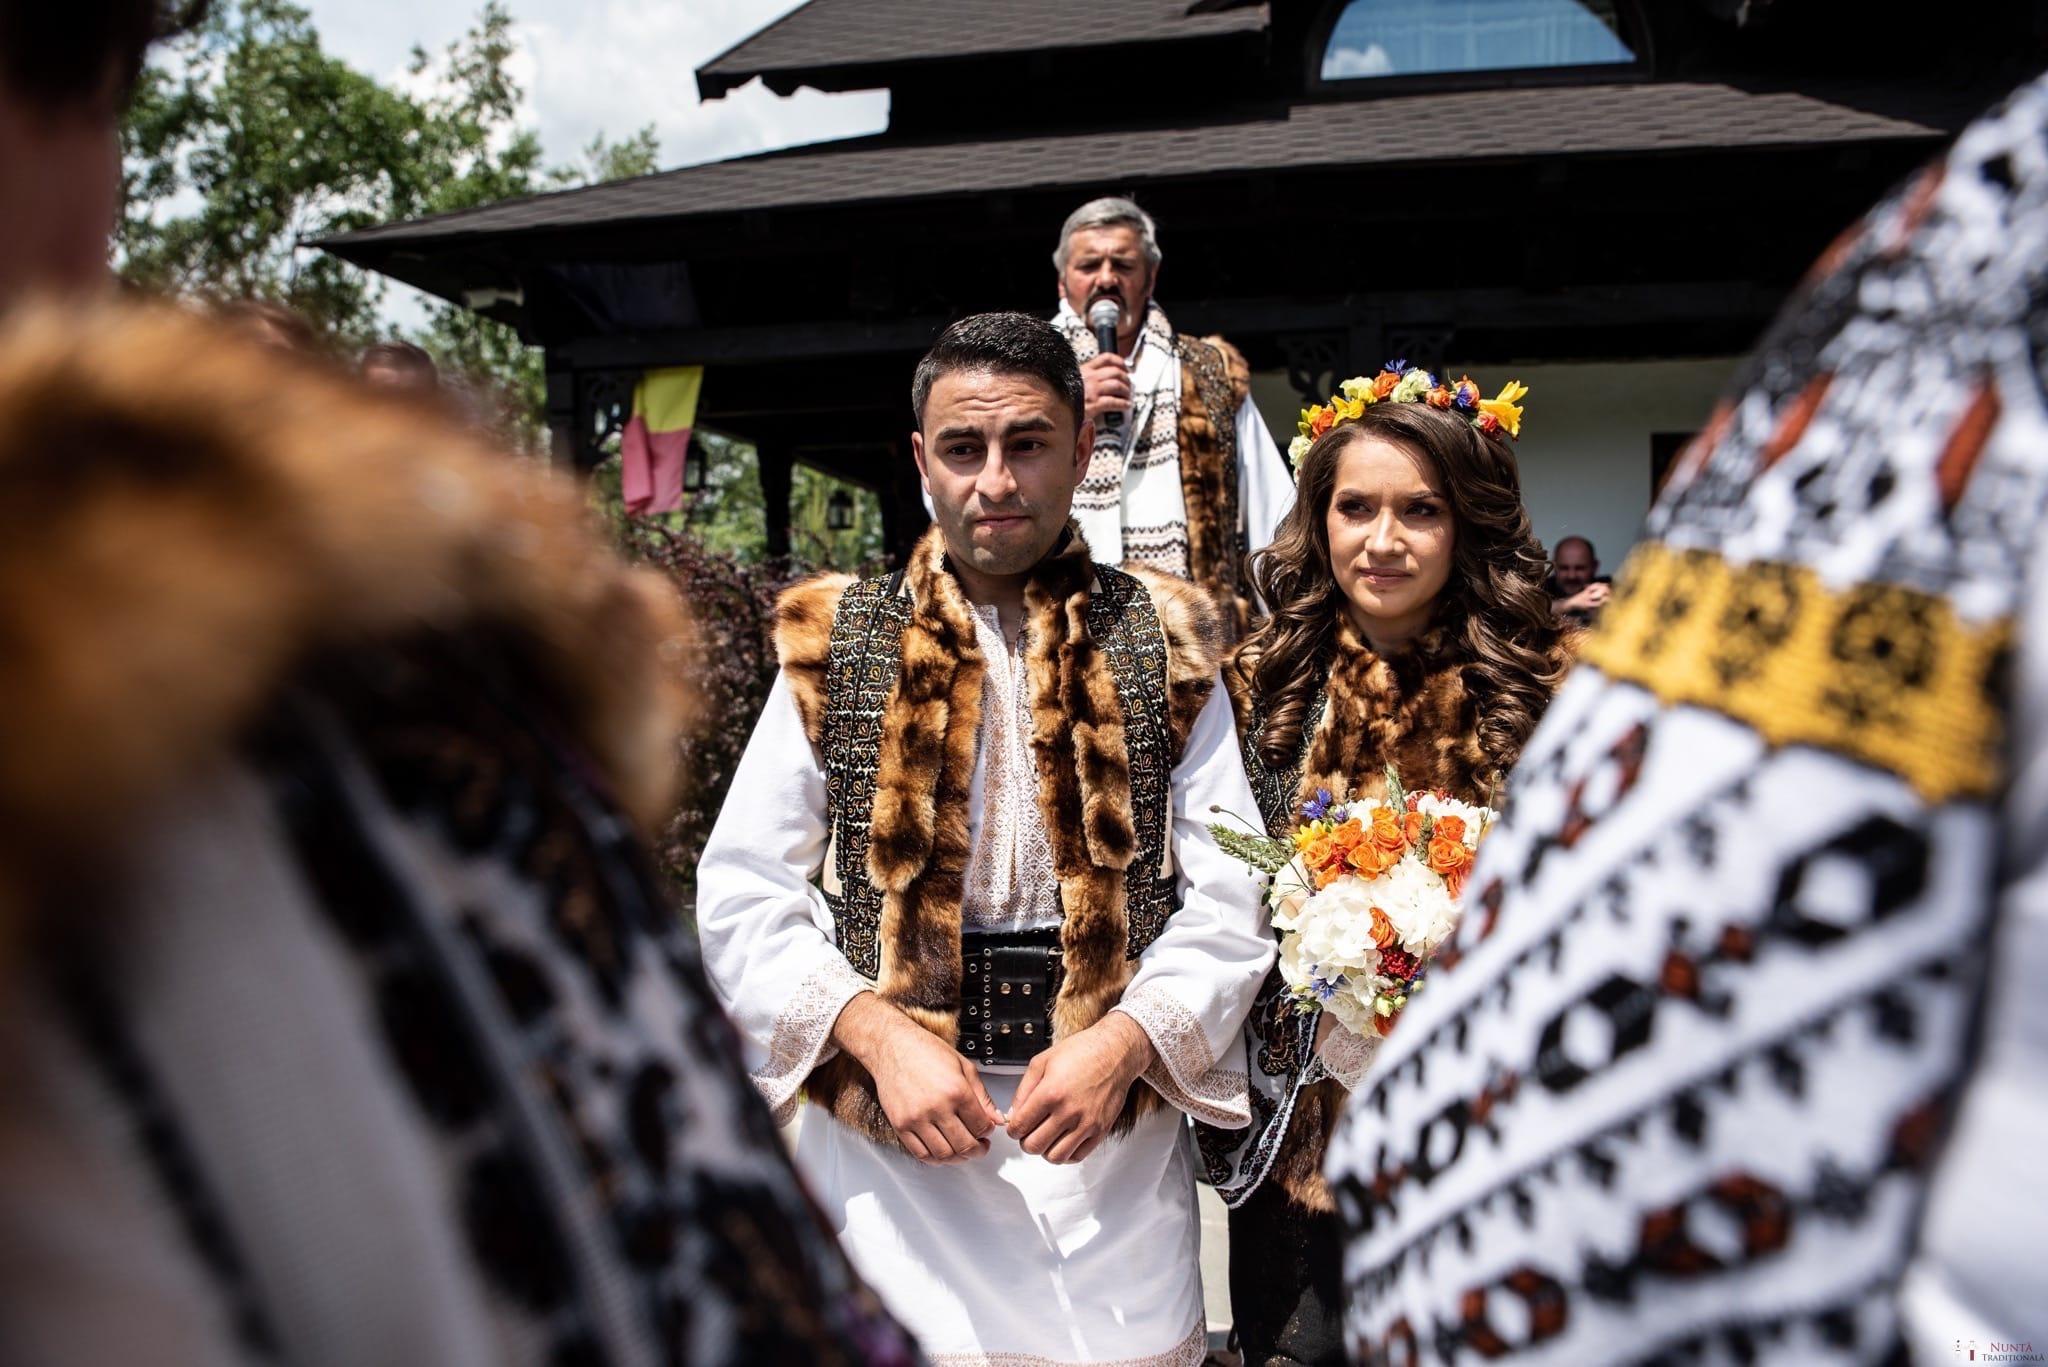 Povești Nunți Tradiționale - Irina și Alexandru, nuntă în Câmpulung Moldovenesc, Suceava 26